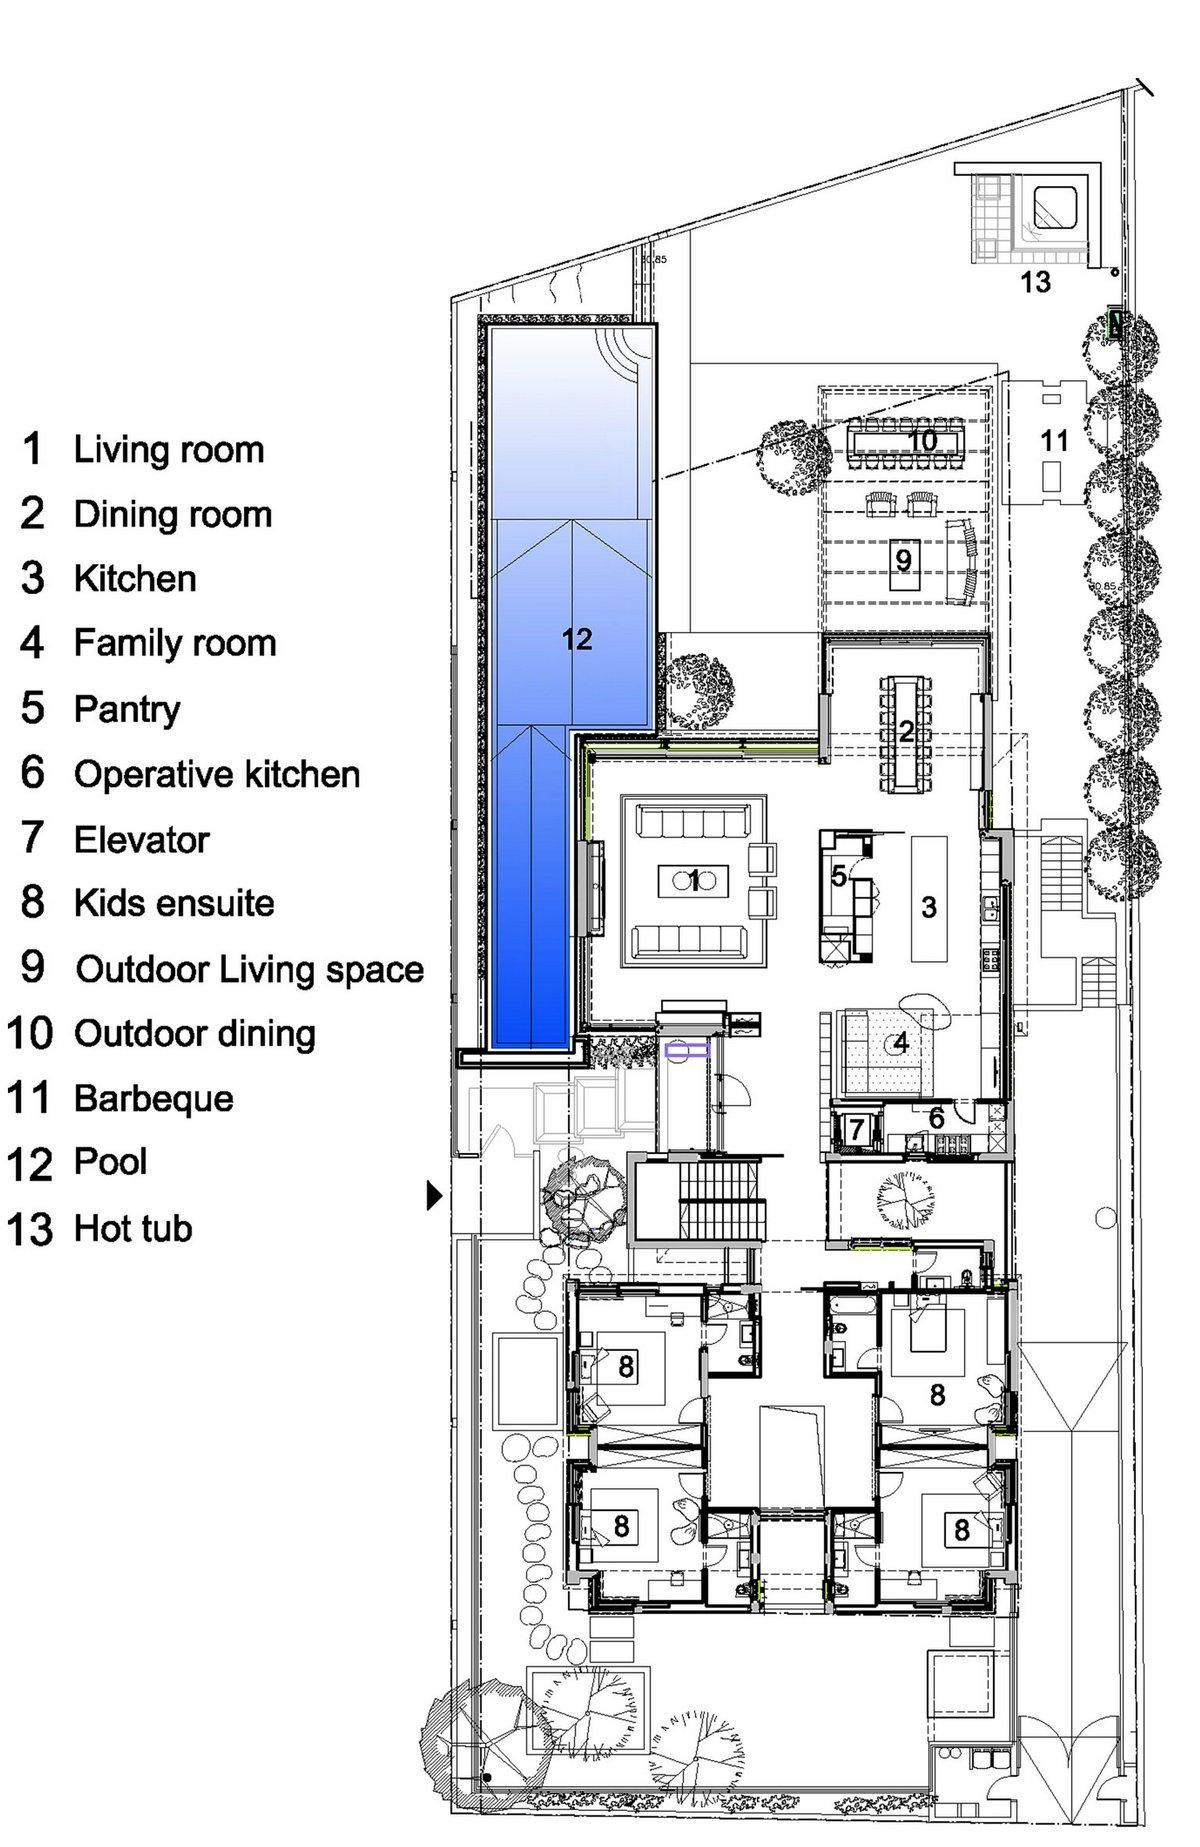 Eran Binderman, Rama Dotan, The B House, дома в Израиле, особняки Израиля, восточные элементы дизайна в интерьере, частный дом с бассейном